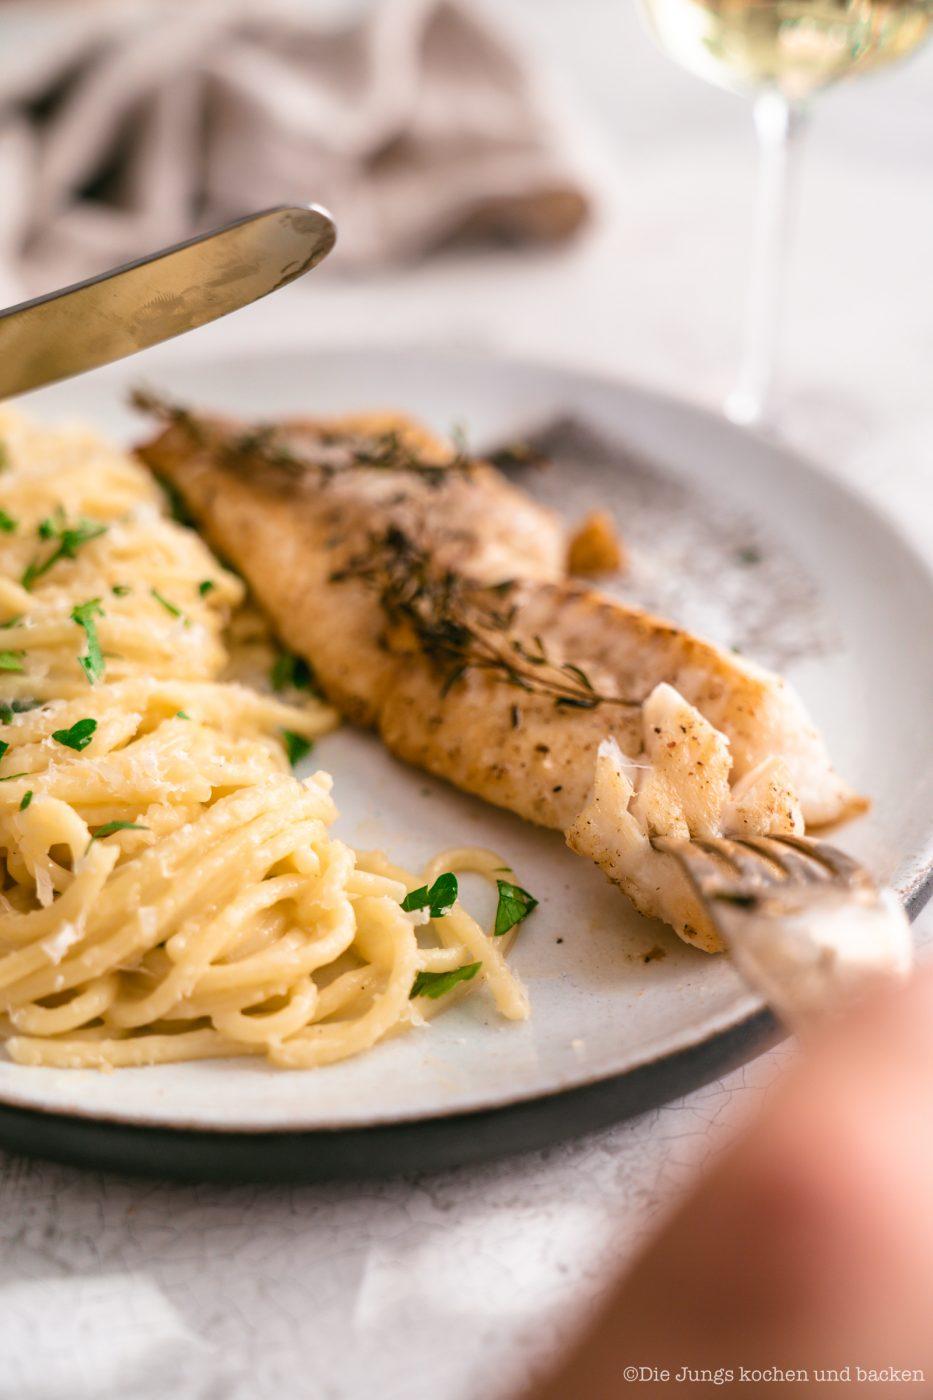 Rotbarsch World Ocean Day 16 | Wir lieben Fischgerichte - wie sieht das bei euch aus? Seit Kindertagen schon mag ich Fisch. So richtig aufgeblüht ist die Liebe aber erst während der ersten Urlaube am Meer. In Barcelona haben wir einige Fischrestaurants, die wir immer gerne besuchen. Fisch und die mediterrane Küche passen einfach sehr gut zusammen! Und damit wir auch in der Zukunft noch weitere spannende Rezept mit Fisch kreieren können, unterstützen wir den MSC zum diesjährigen Tag der Meere - dem World Ocean Day. Dieser lädt nämlich zum großen virtuellen Dinner und wir bringen Rotbarsch mit Parmesan-Spaghetti mit.